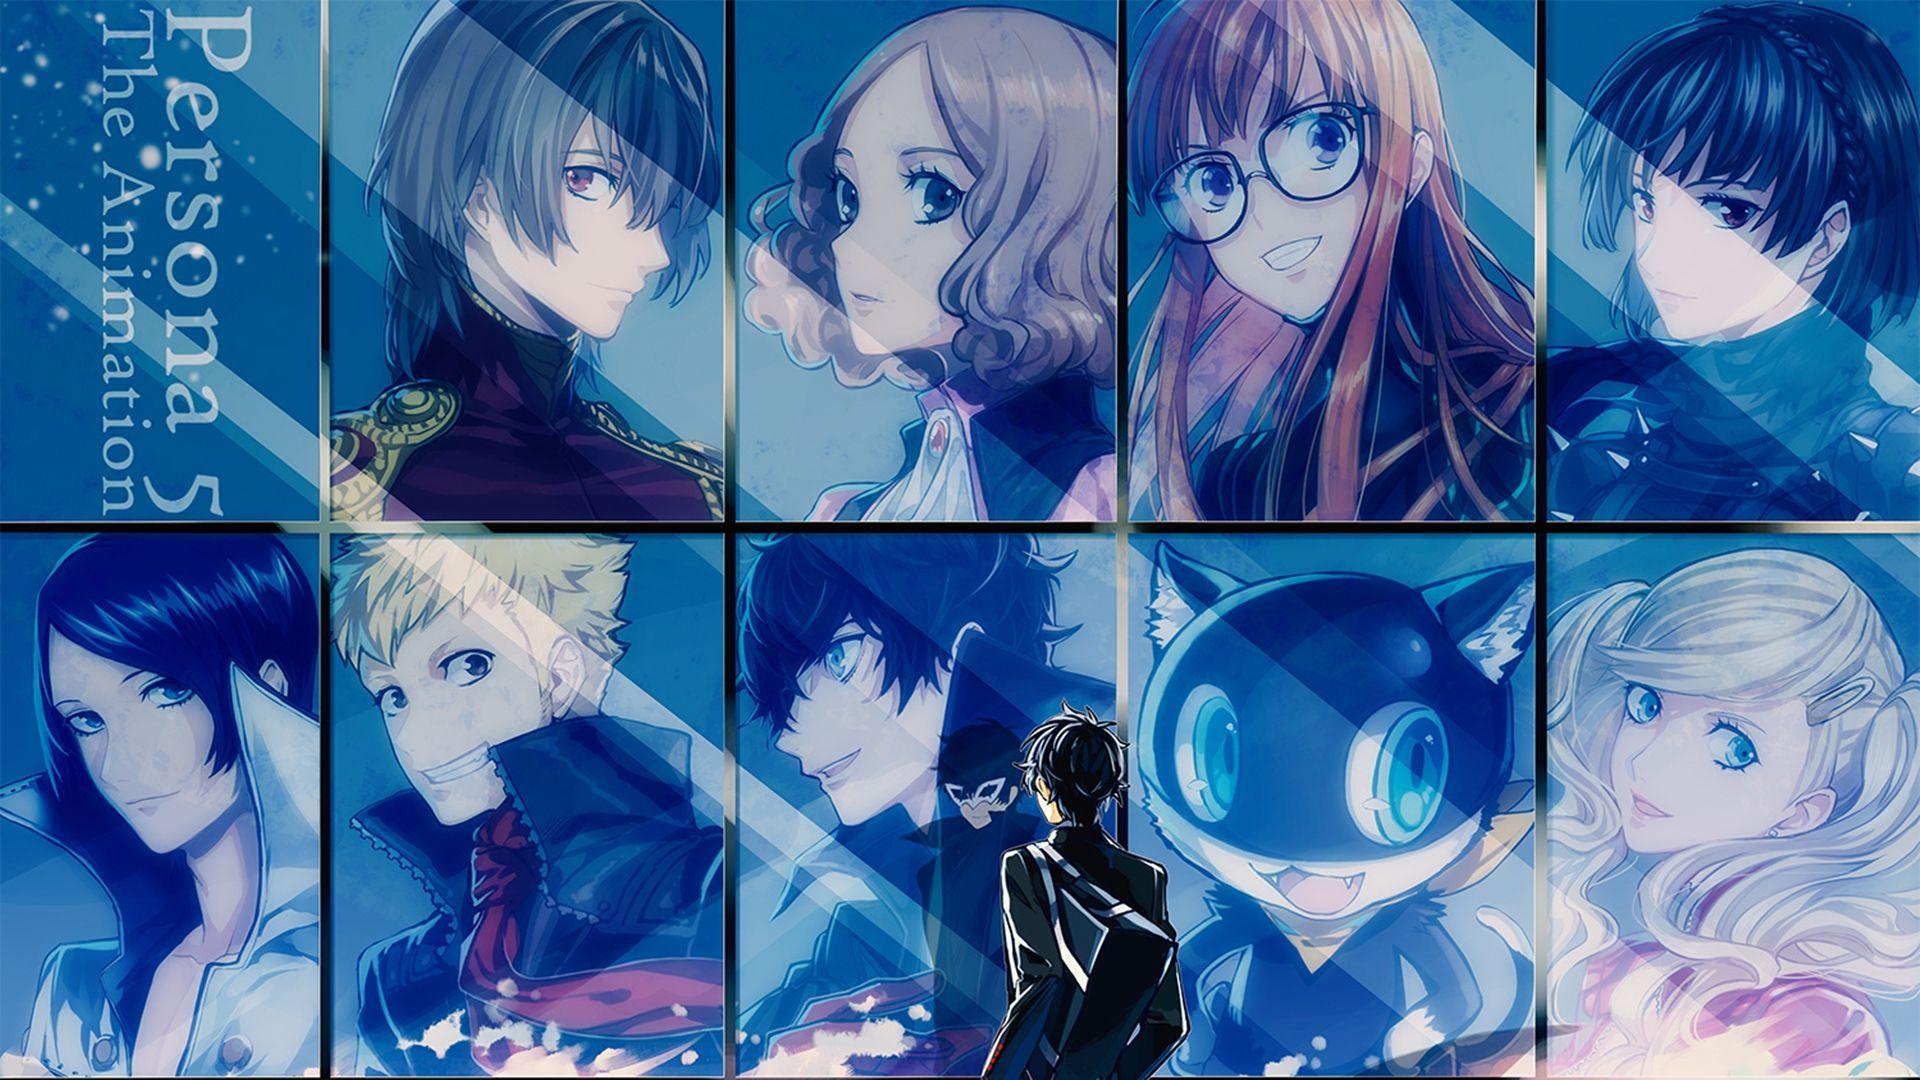 Persona 5 All Out Attack Wallpaper 1920x1080 Persona 5 Persona 5 Joker Persona